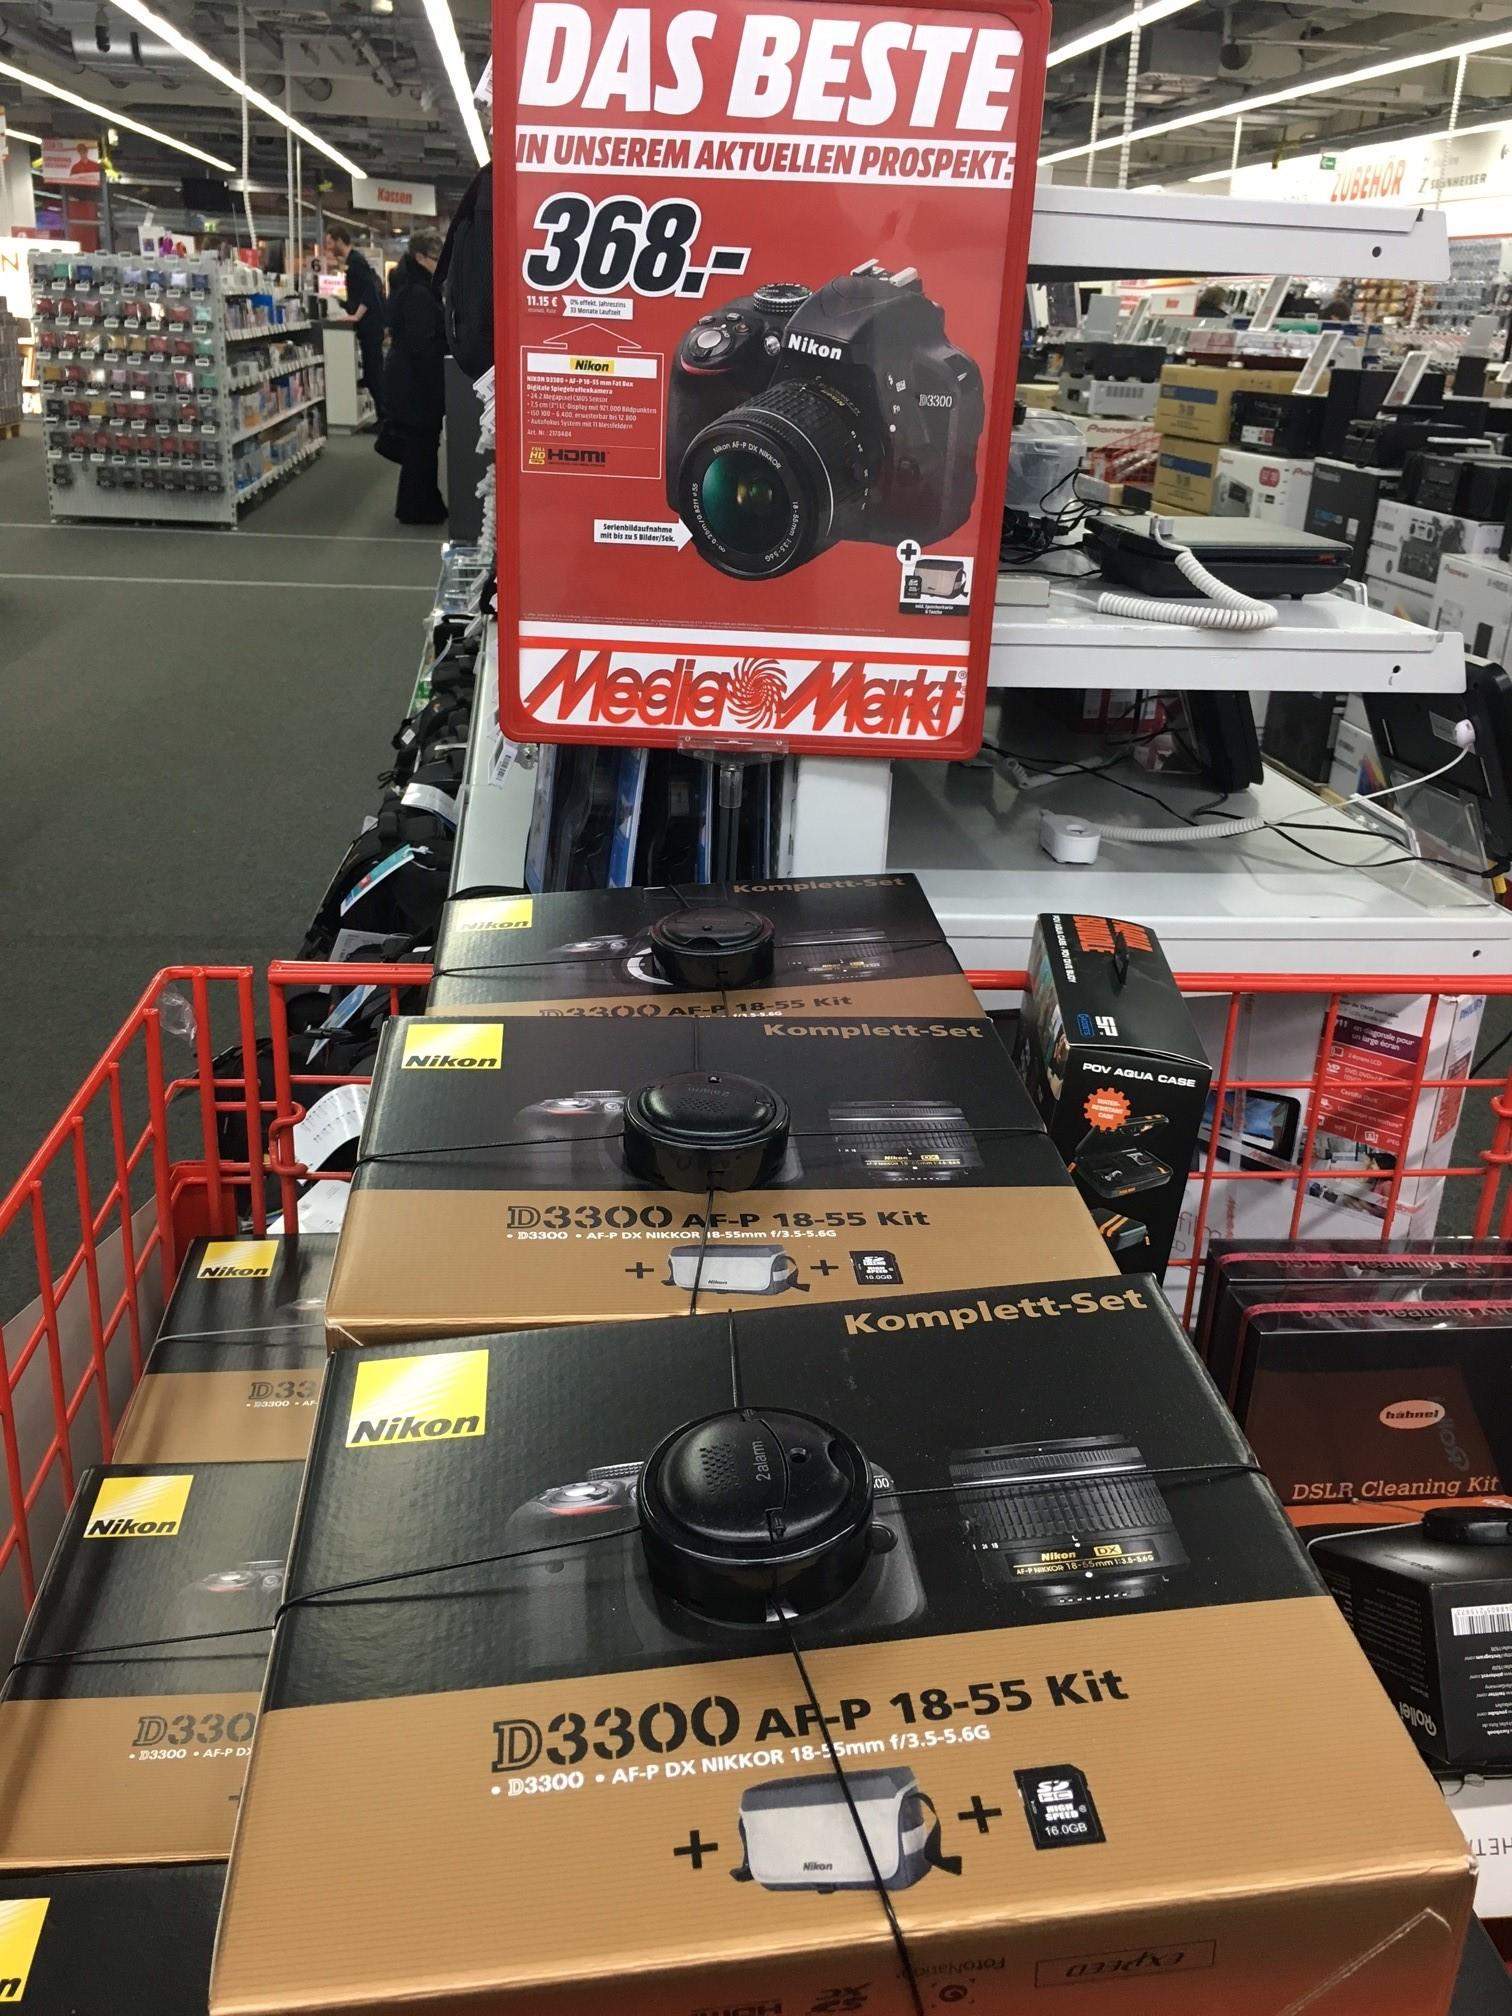 [Lokal MediaMarkt HH-Altona] Nikon D3300 AF-P FAT BOX inkl. AF-P 18-55 mm Objektiv  + Tasche + 16 GB SD Card